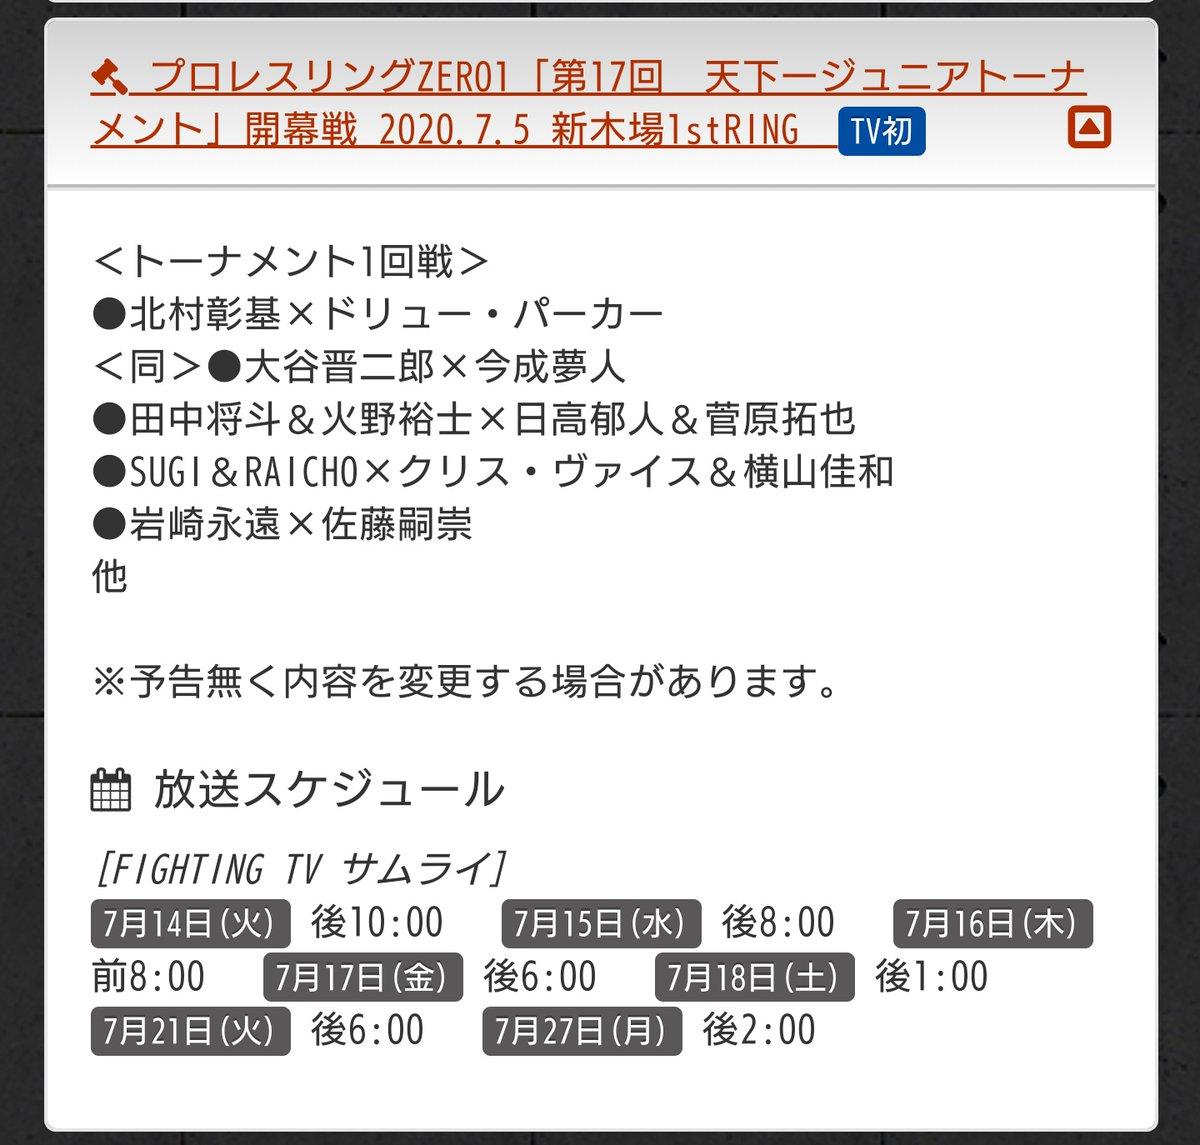 本日の #pwzero1 #天下一ジュニア 今回 #samuraitv の放送もあるようです。普段からや( https://t.co/3cYNXwIrxg